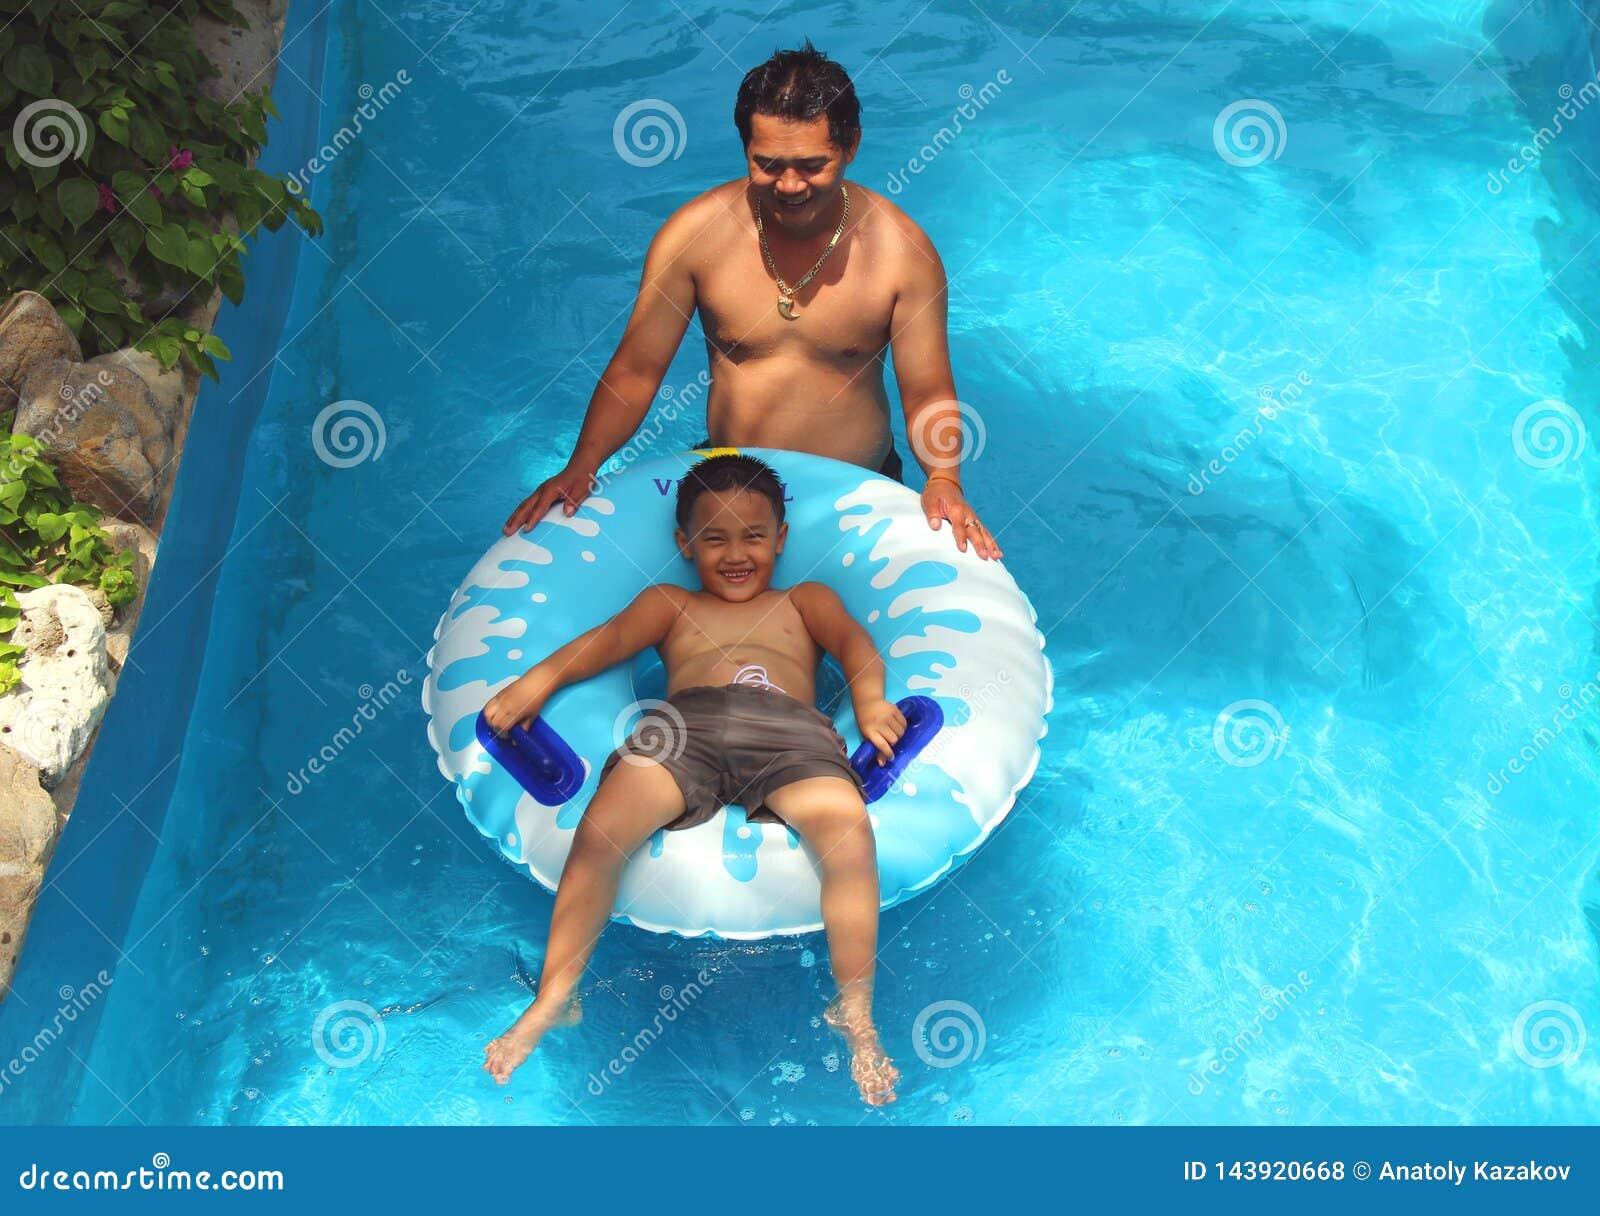 Il ragazzo sta galleggiando su un materasso gonfiabile